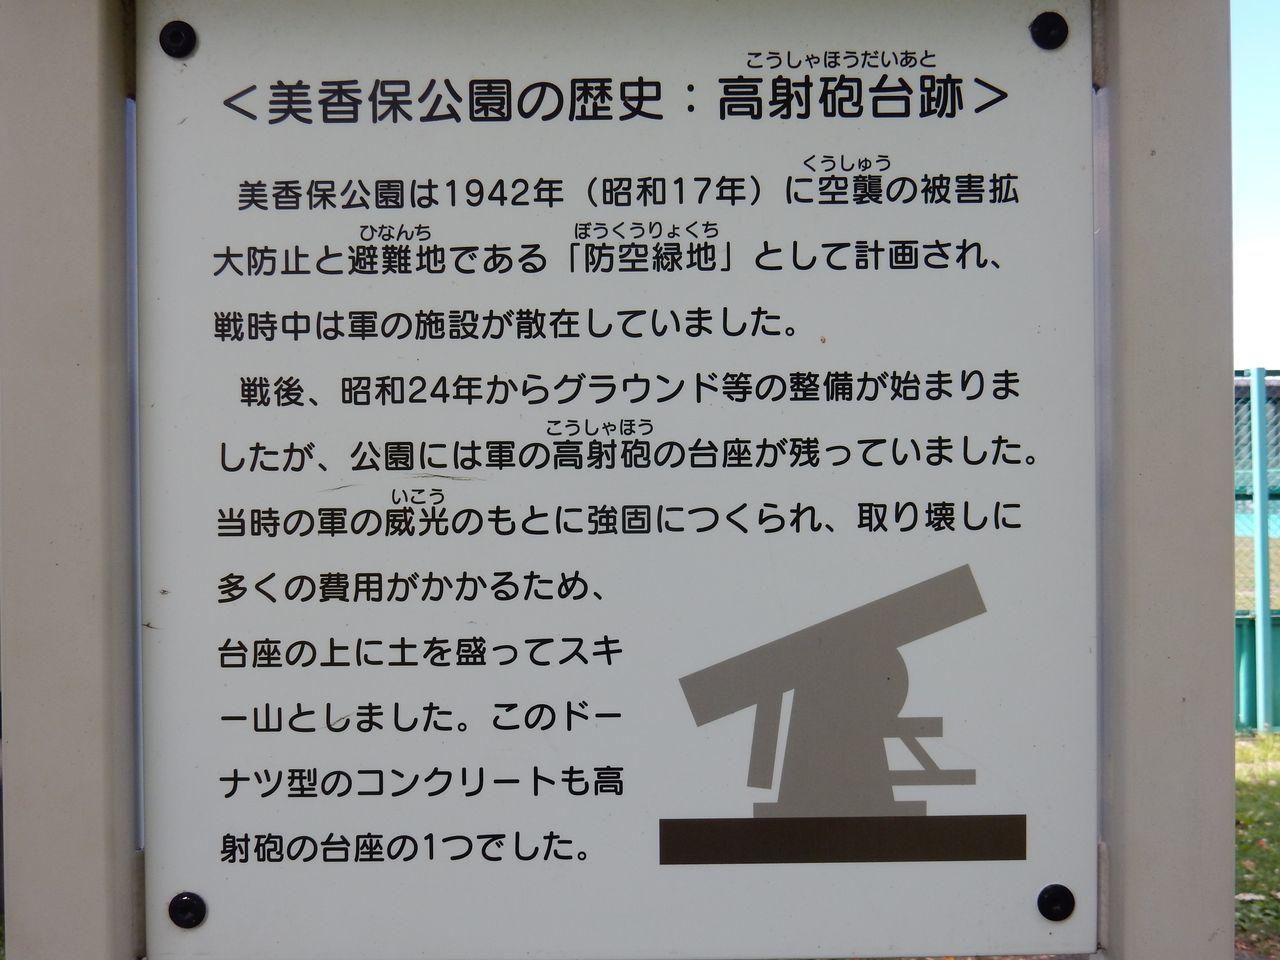 美香保公園の山には高射砲の台座が埋まっている_c0025115_23285500.jpg